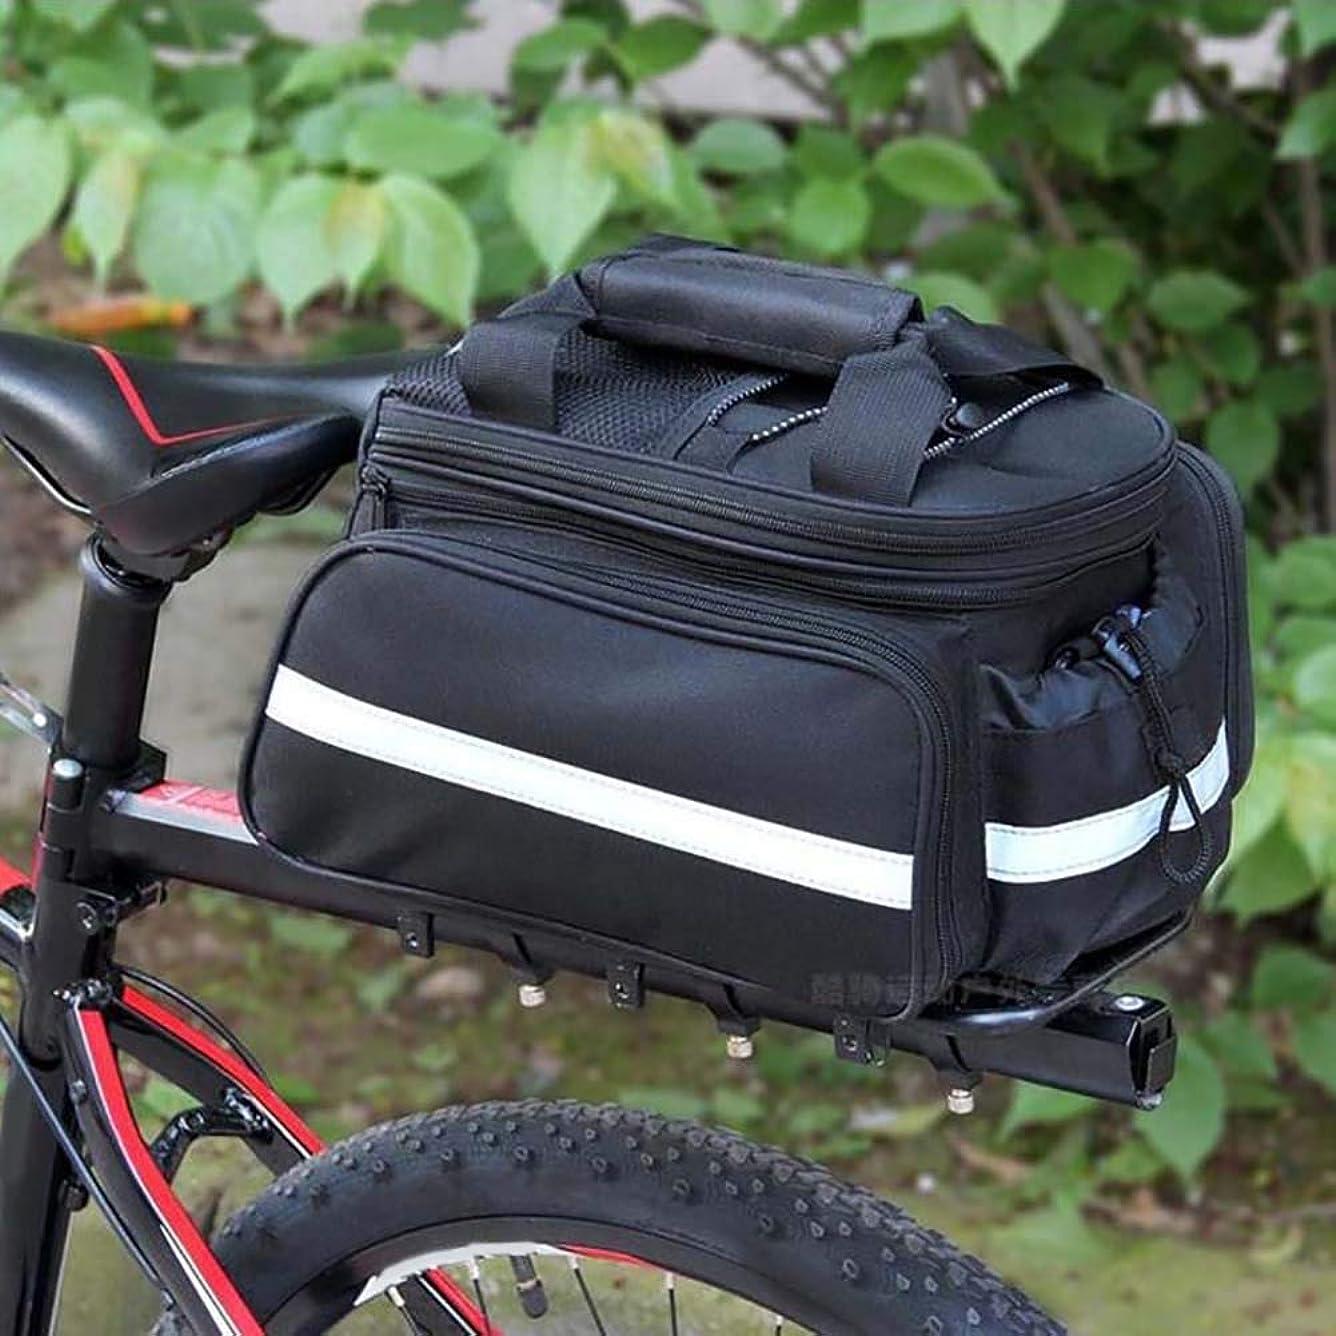 継承トーンブランクLsmaa 自転車後部座席ラックサドルバッグハンドバッグ上の自転車パニエサイクリングEquipmentHandbagBikeサイクリングストレージパニエストラップ (Color : 1)